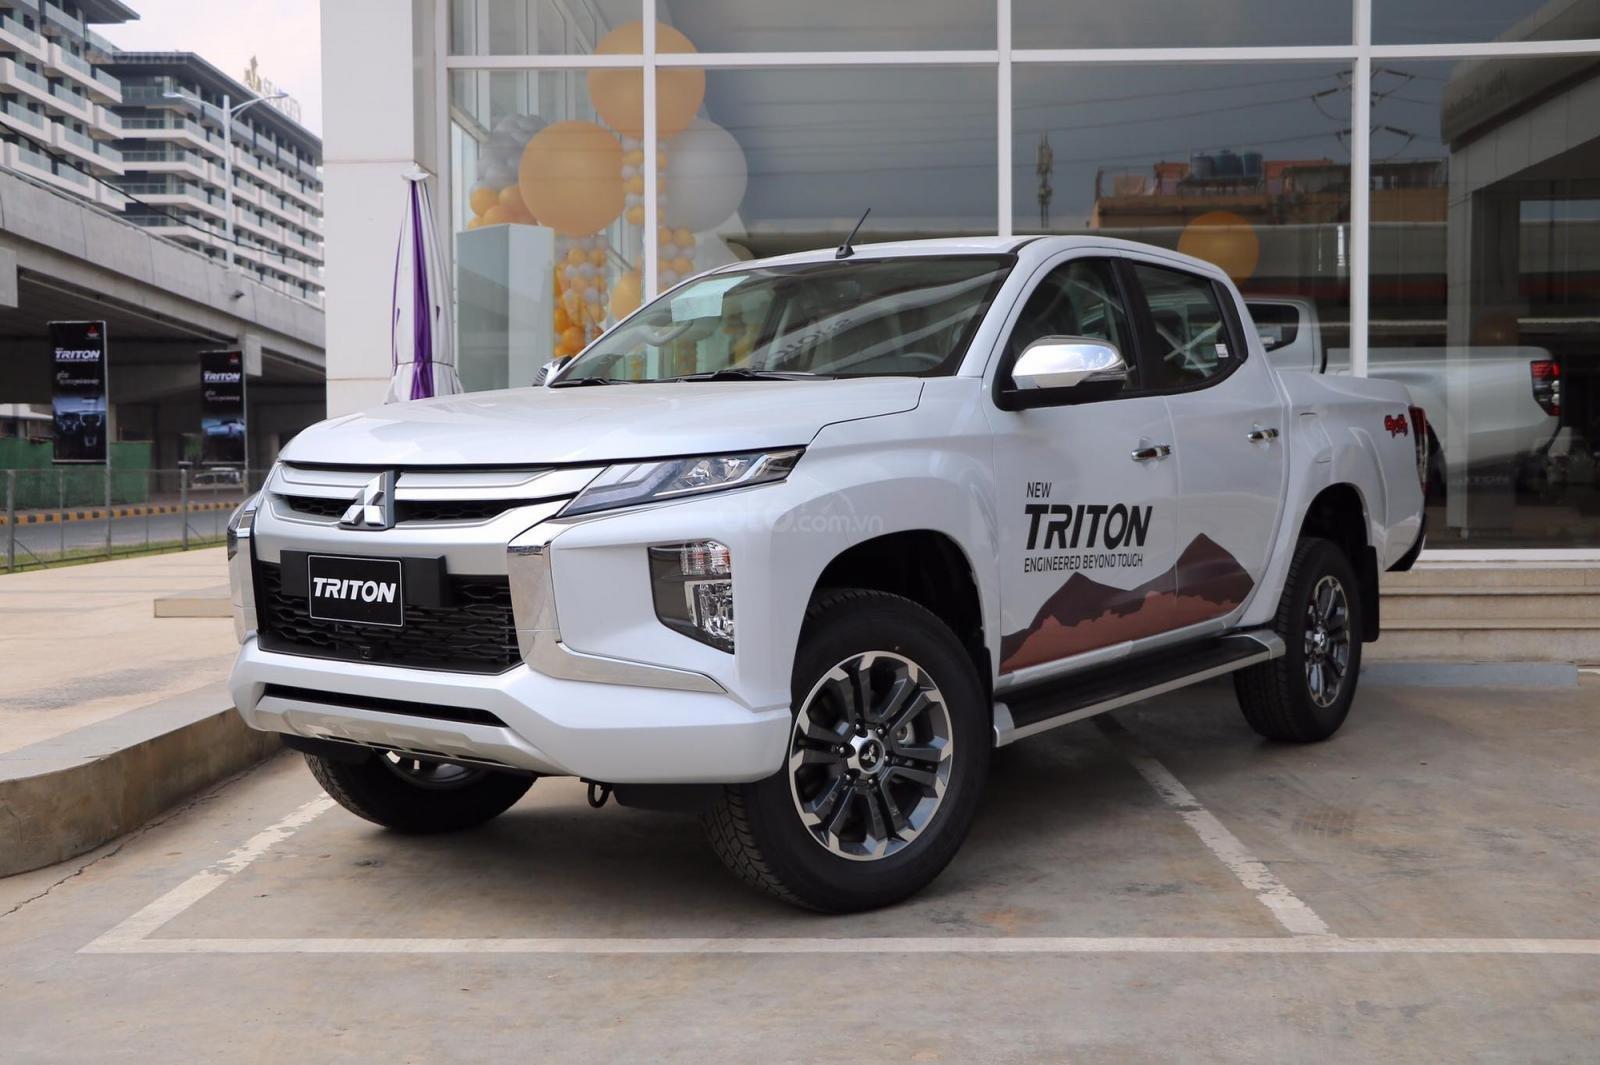 Cần bán xe Mitsubishi Triton 4x4 AT 2019, màu trắng, nhập khẩu nguyên chiếc-0